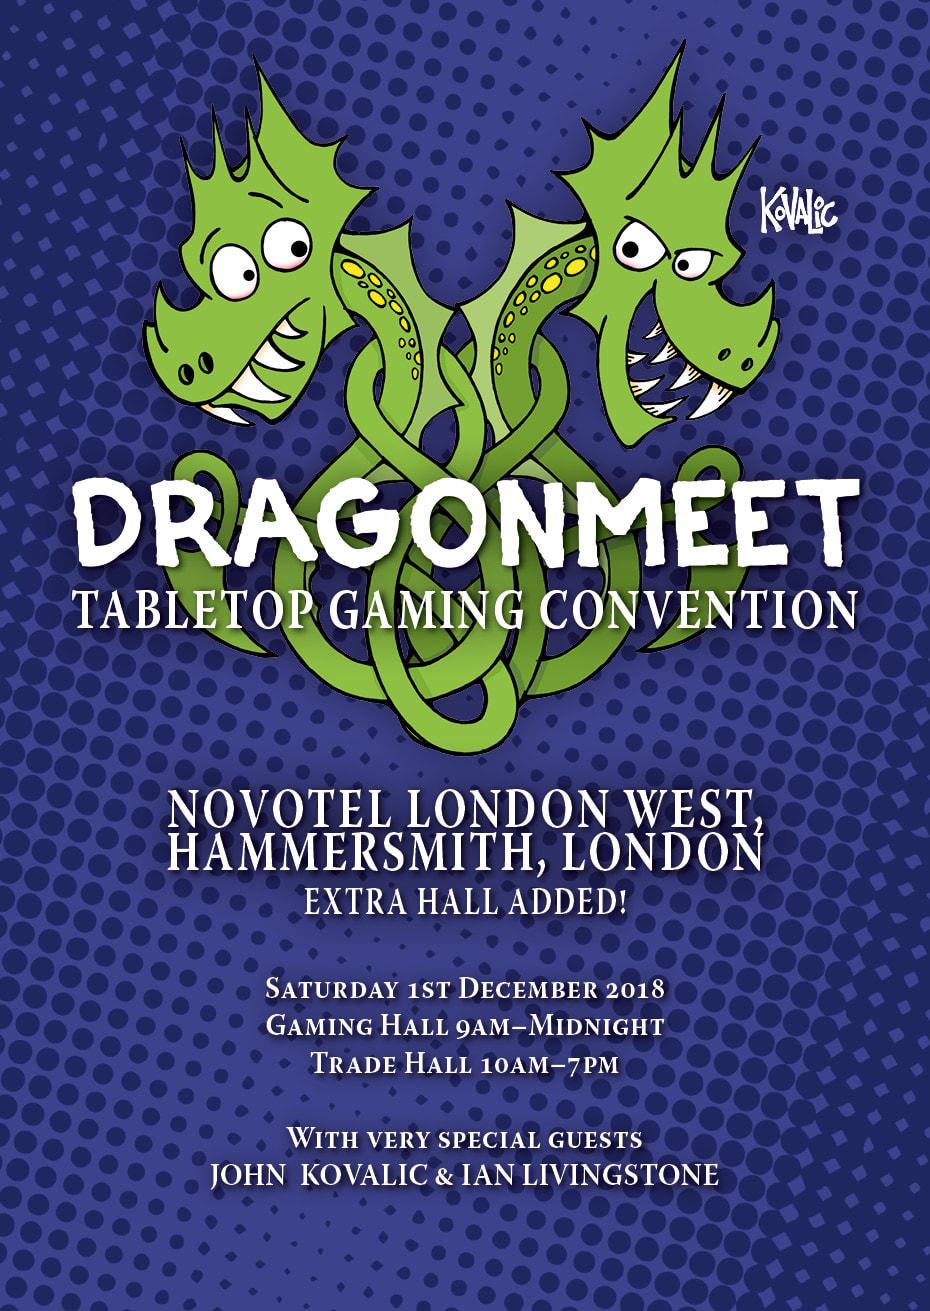 Dragonmeet 2018